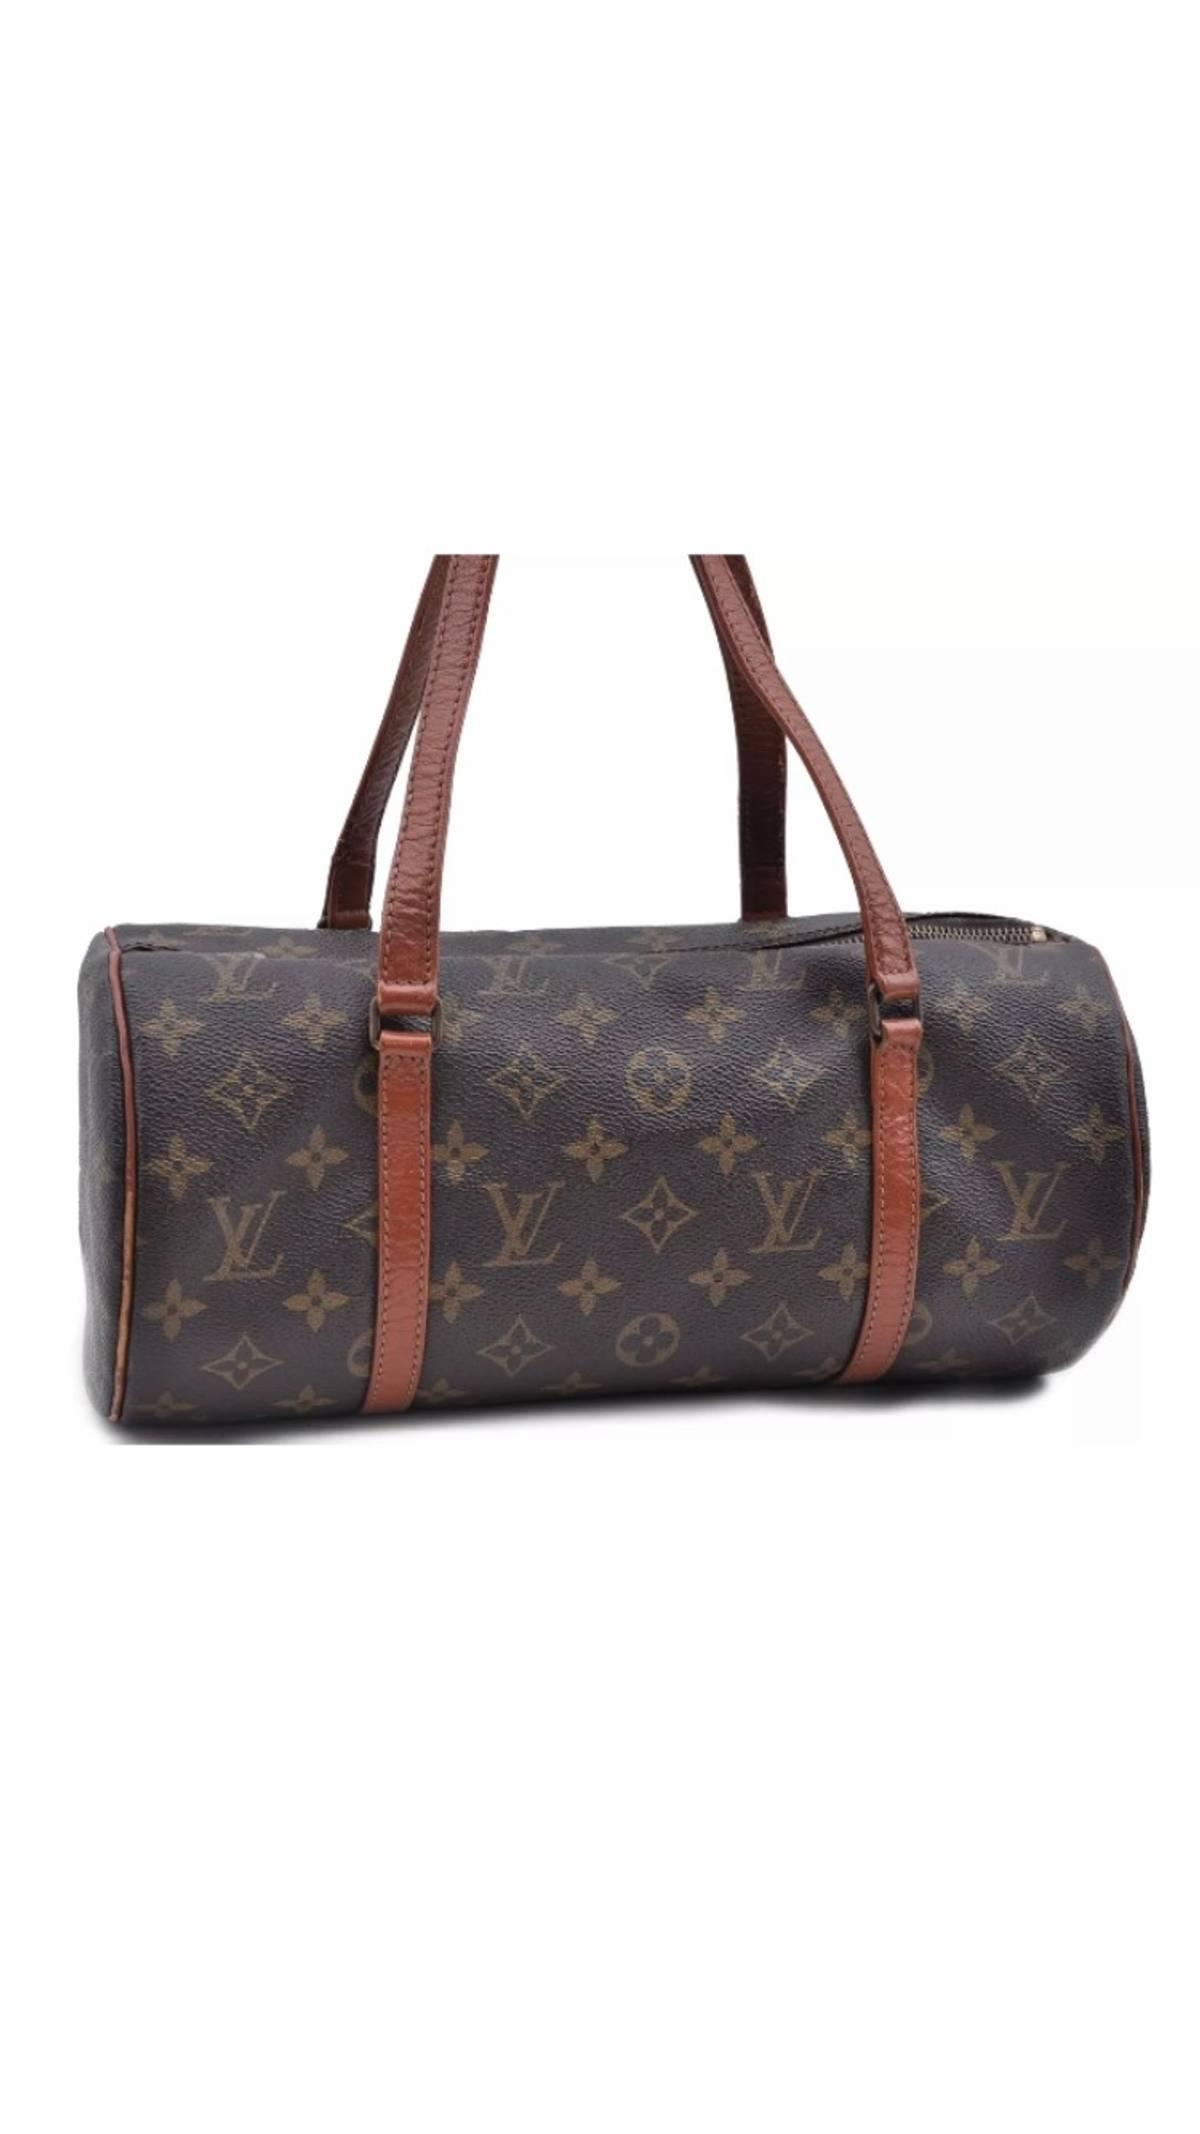 849bdd7f26d1 Louis Vuitton  steal!  Louis Vuitton Mini Duffle Bag Keepall 30 ...